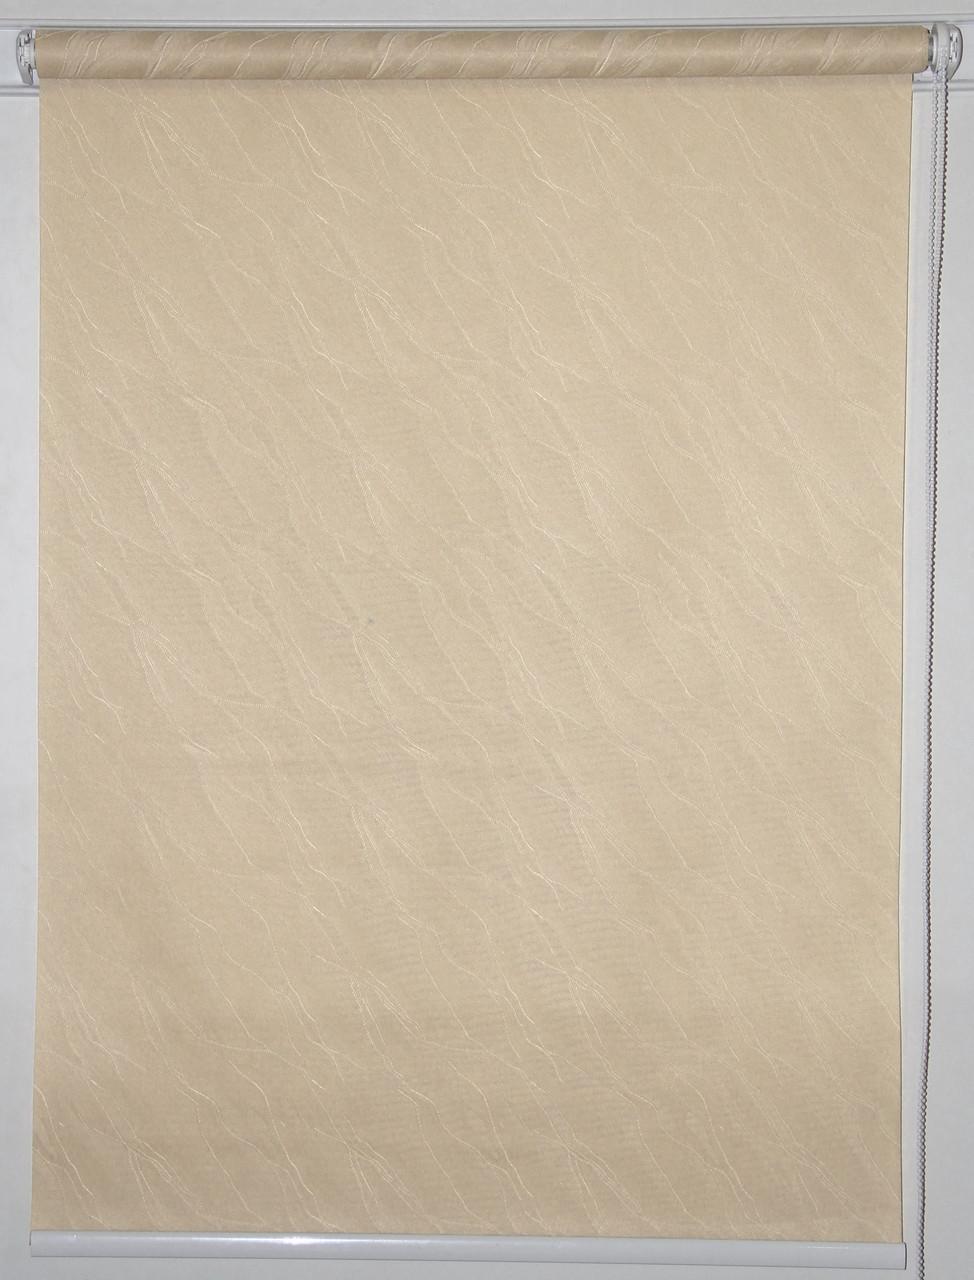 Готовые рулонные шторы 975*1500 Ткань Вода 1839 Какао